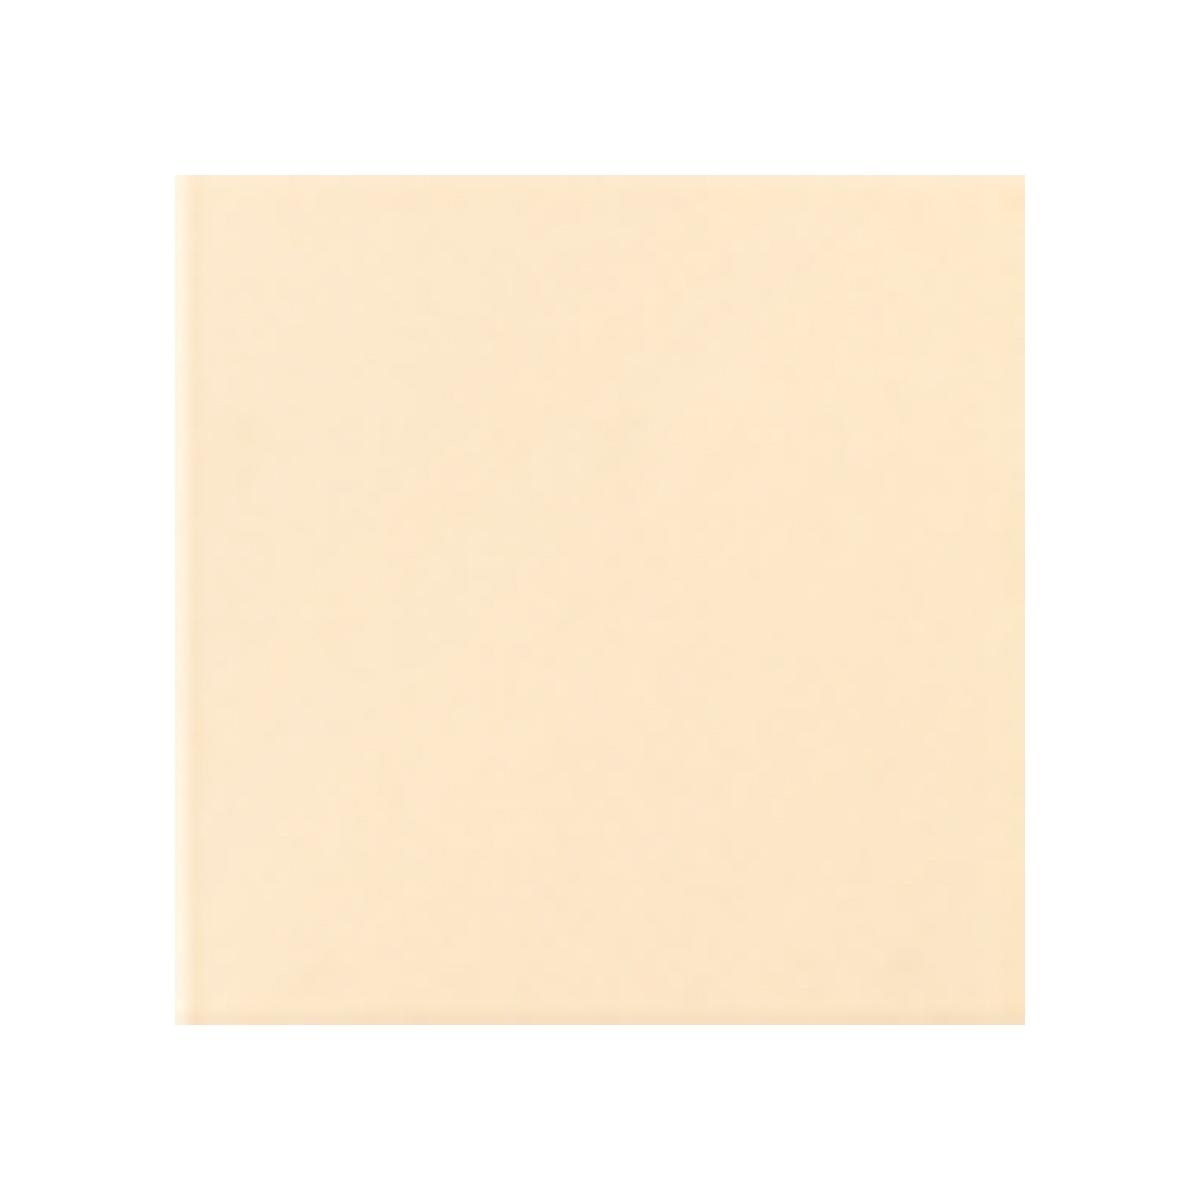 Color beige mate - Colección Colores Mate - Marca Mainzu